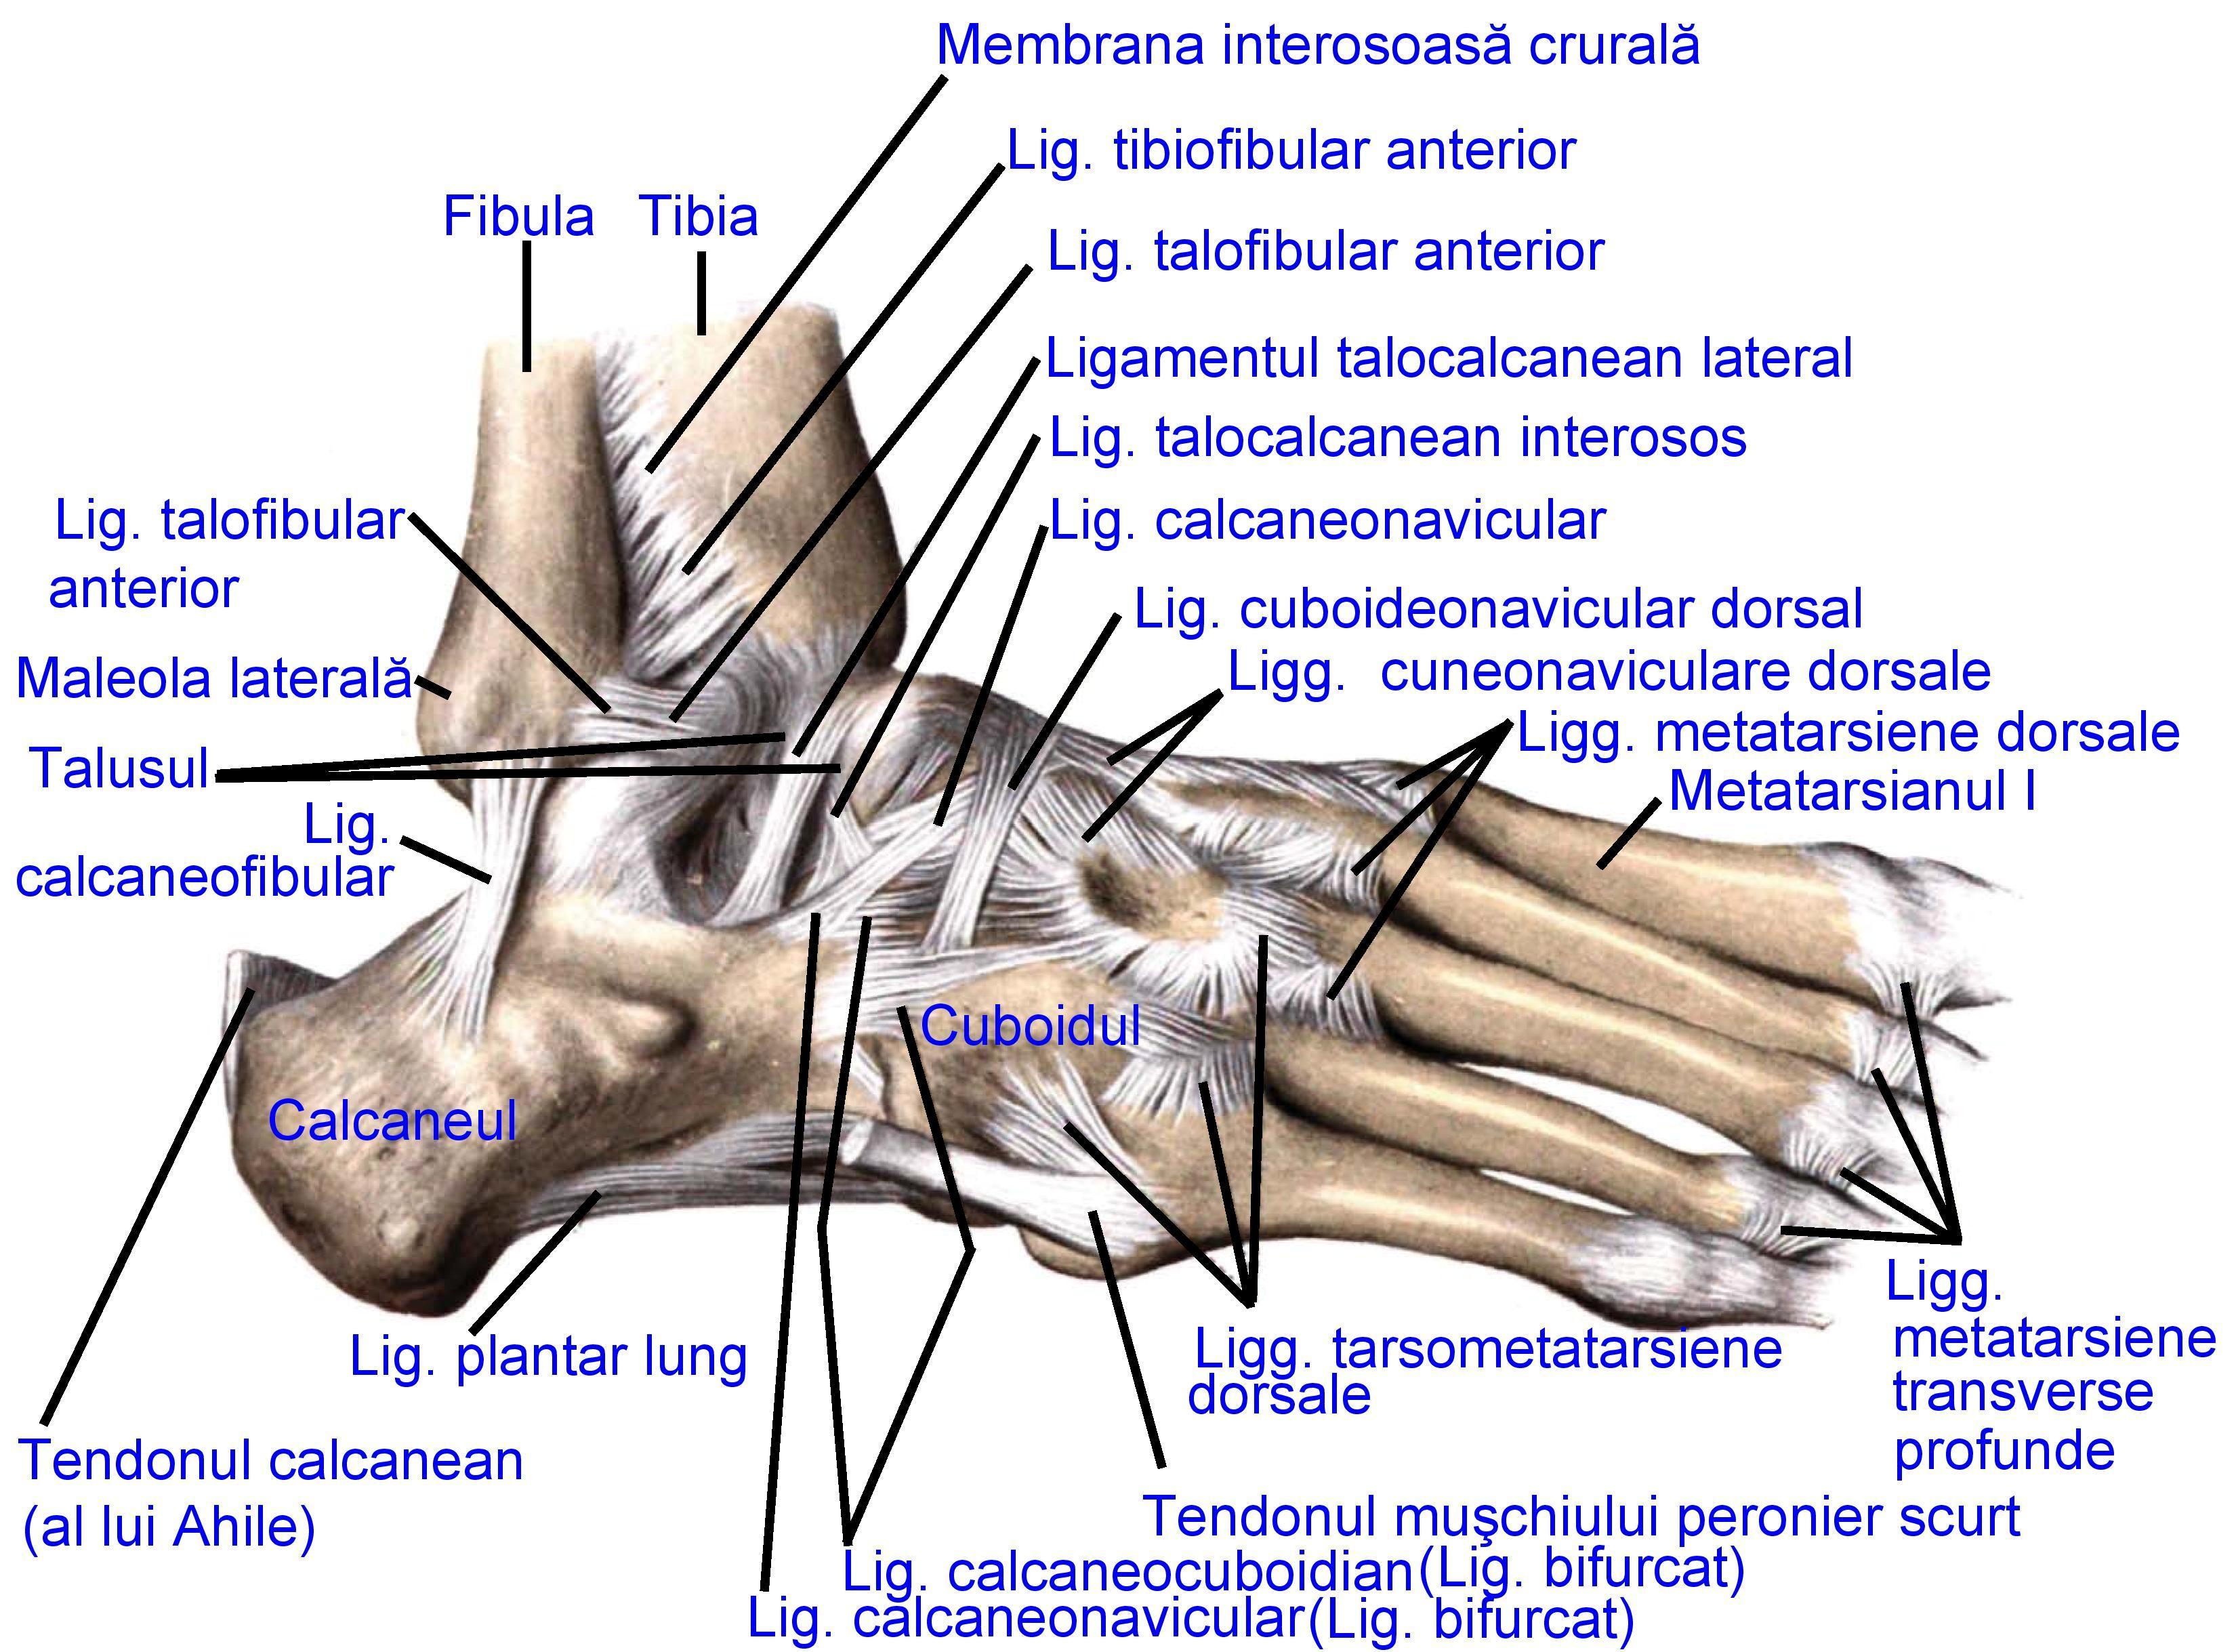 durere în articulația talocaneal-naviculară)